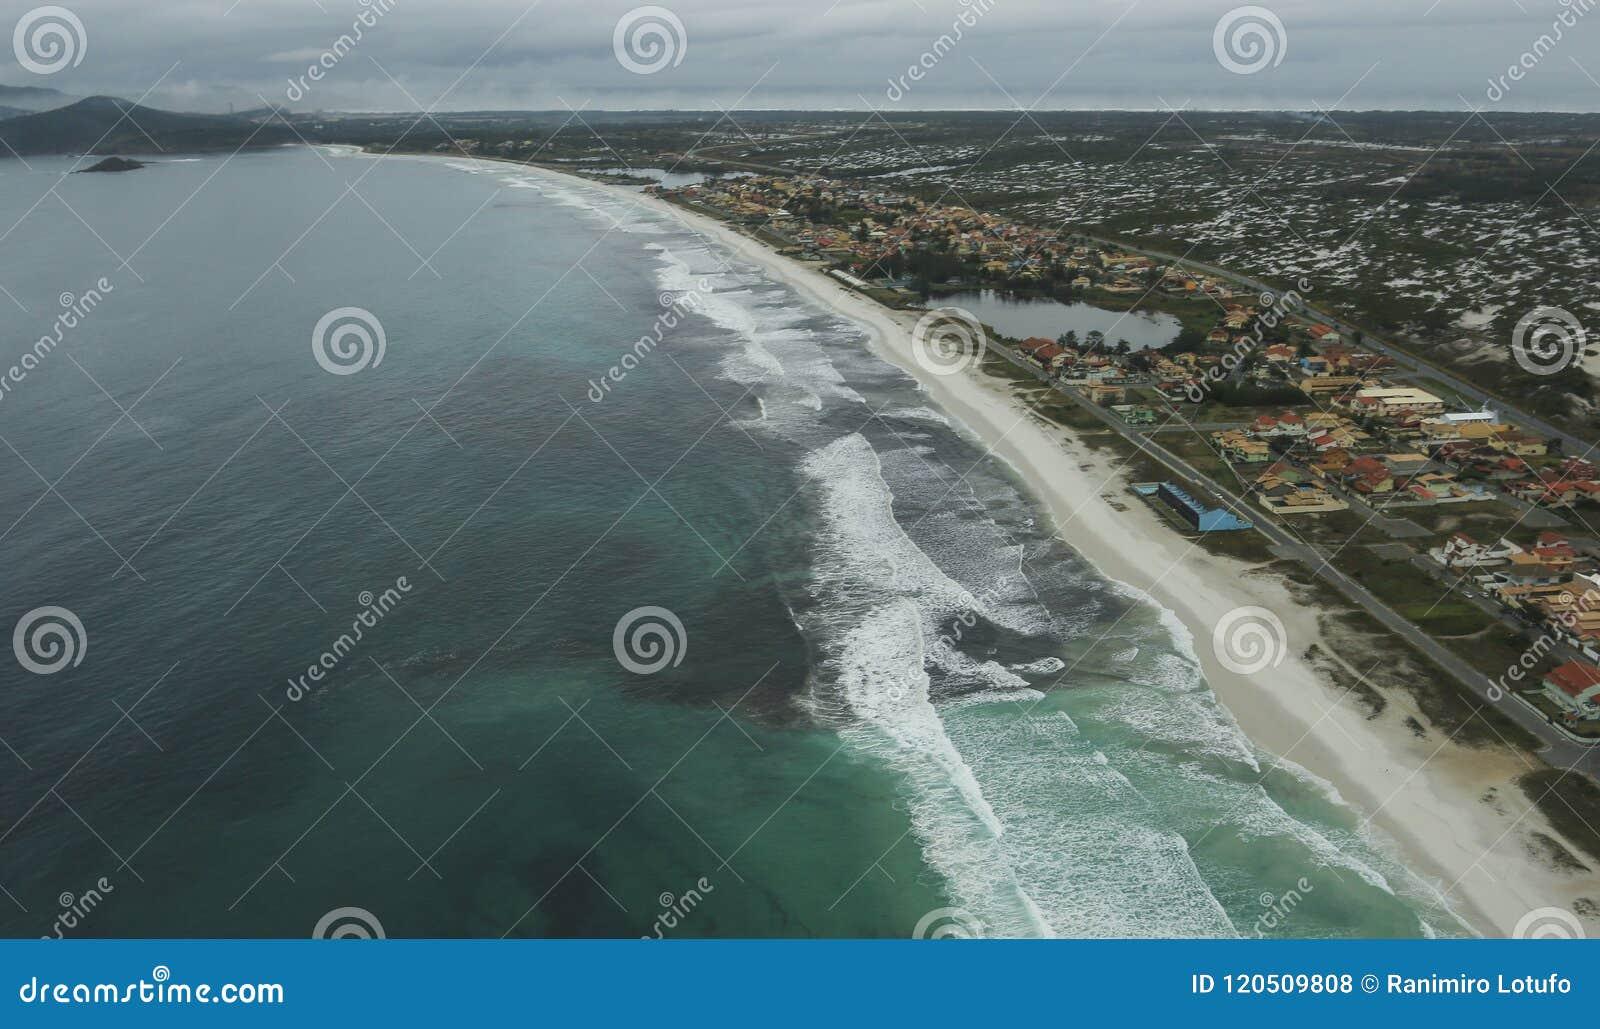 长和美妙的海滩, Recreio dos Bandeirantes海滩,里约热内卢巴西